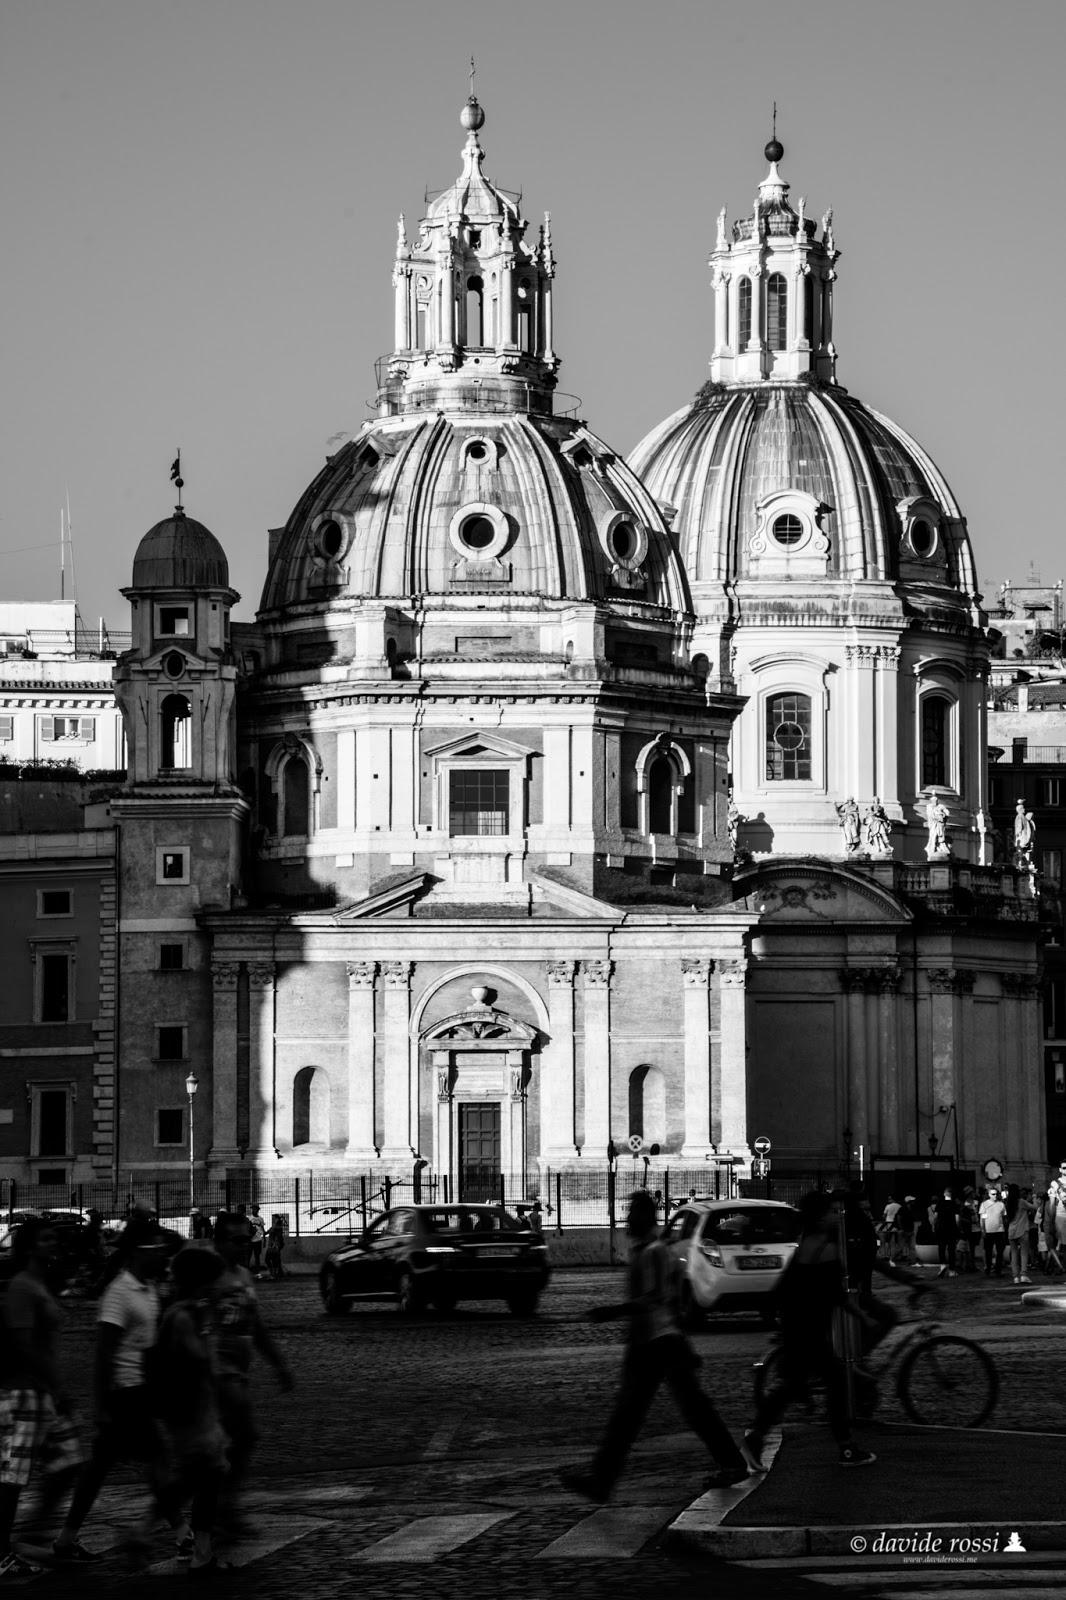 Pensieri di strada | Luce ed ombra - Testo di Franco Padella